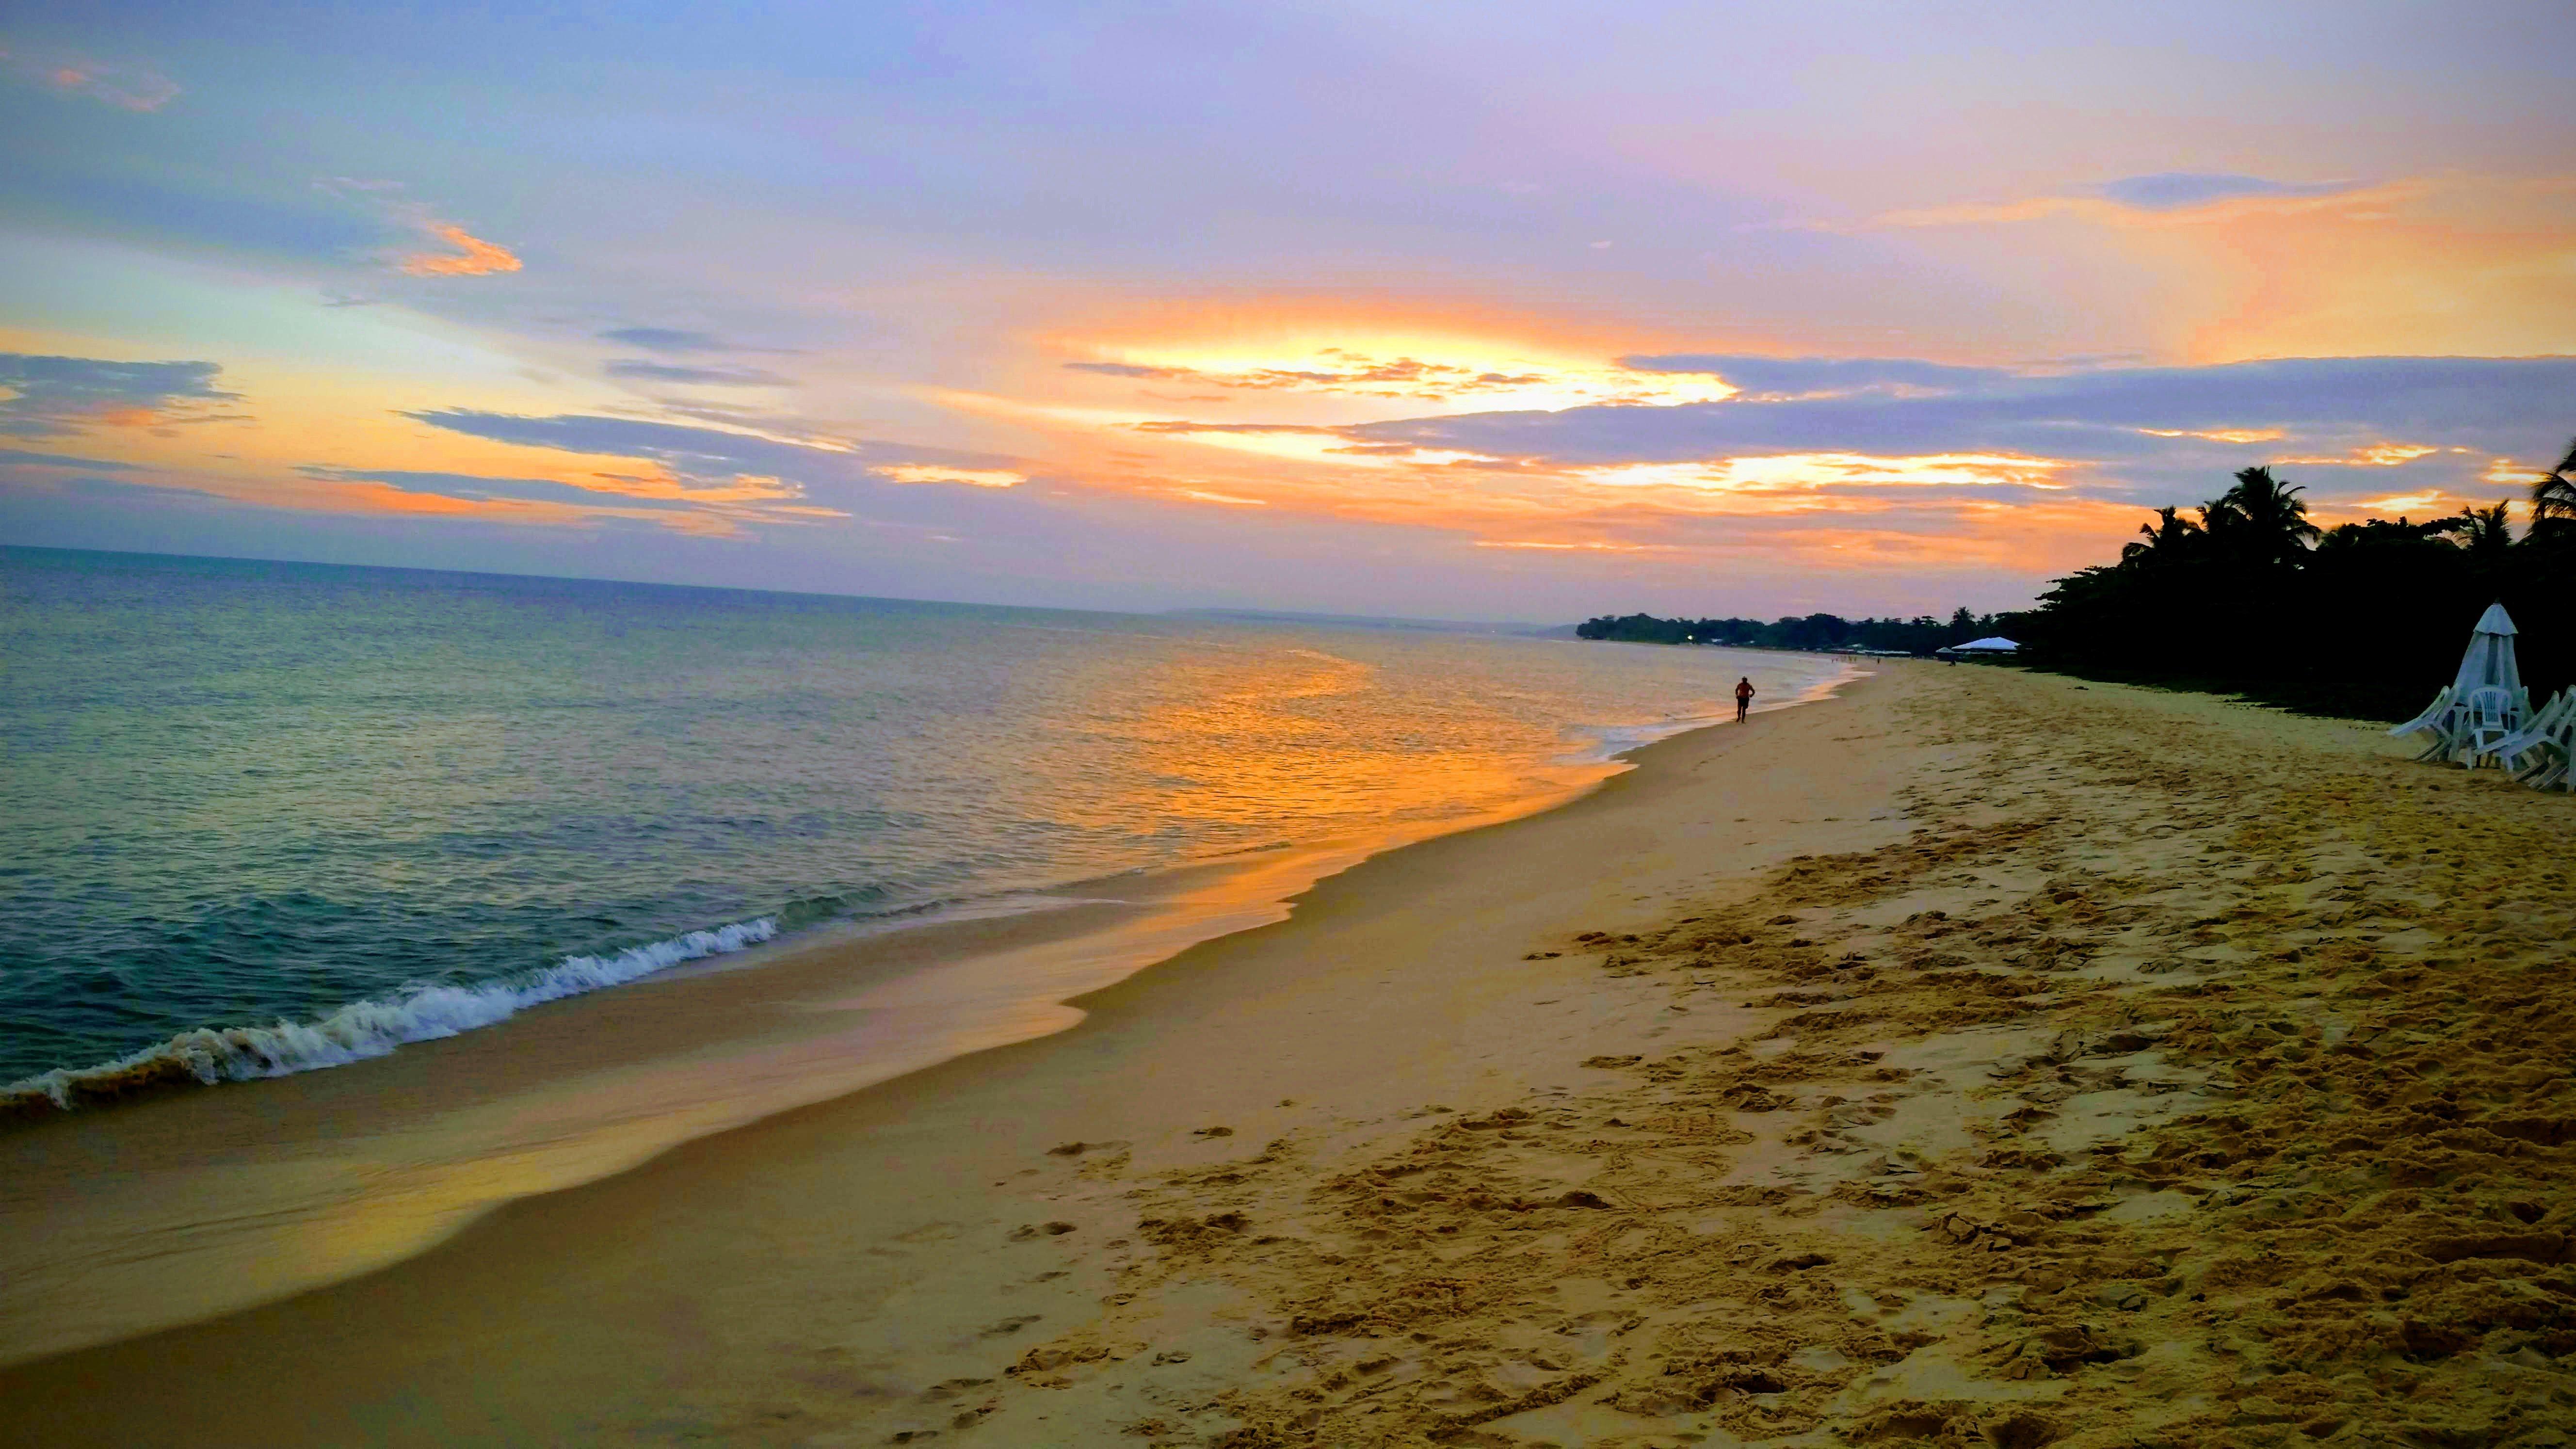 Playa de Porto Seguro - 5312x2988